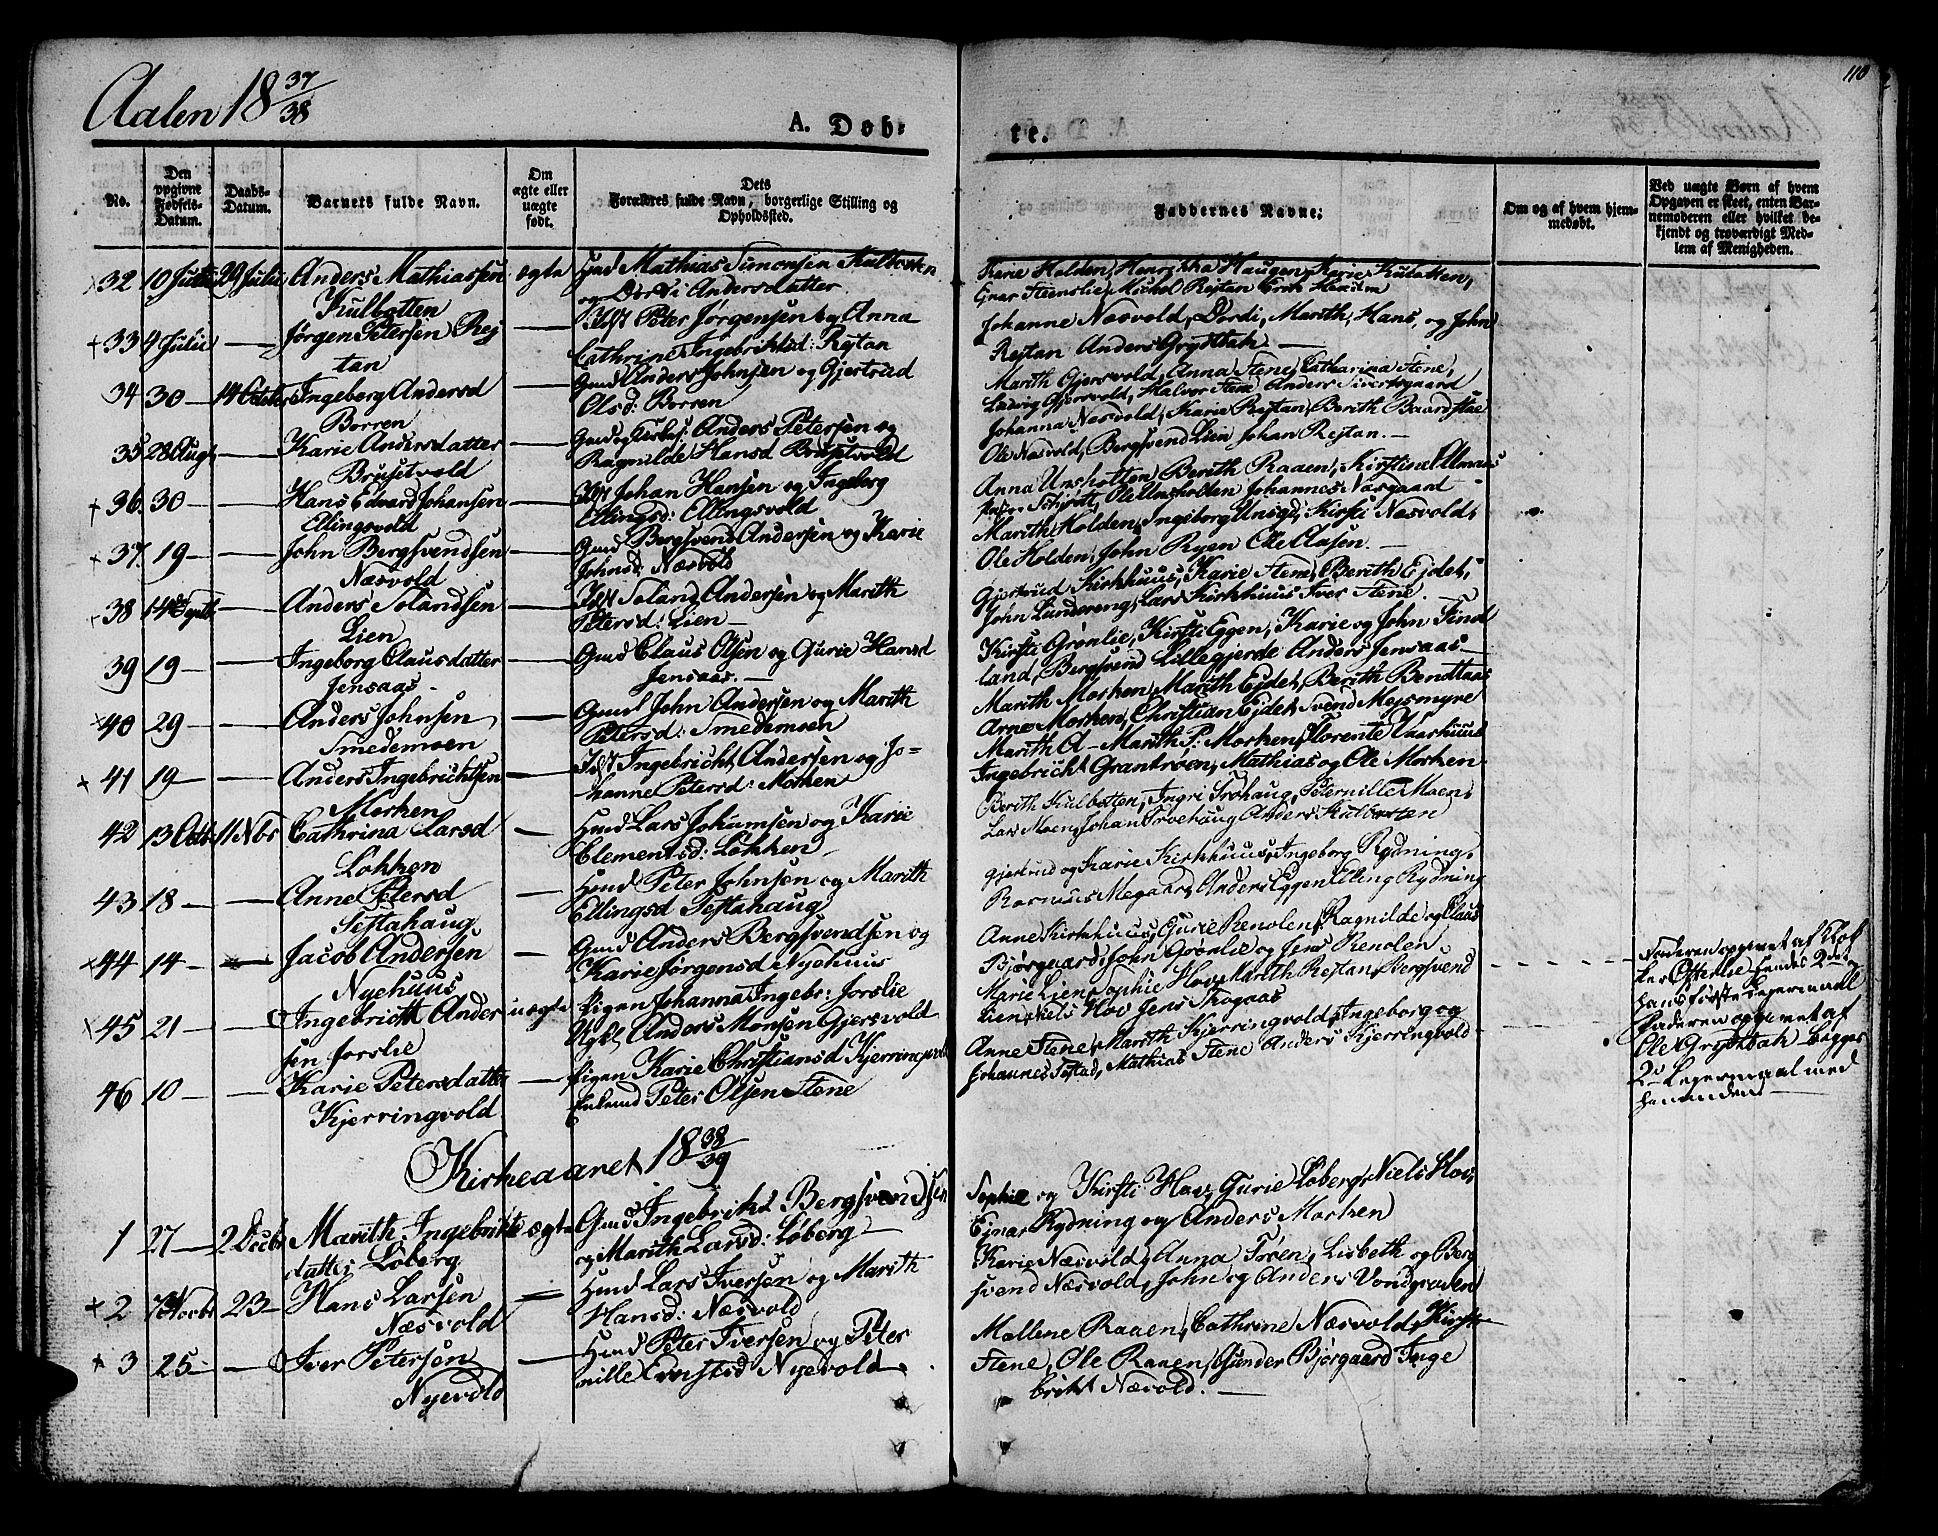 SAT, Ministerialprotokoller, klokkerbøker og fødselsregistre - Sør-Trøndelag, 685/L0959: Ministerialbok nr. 685A04 /3, 1829-1845, s. 110